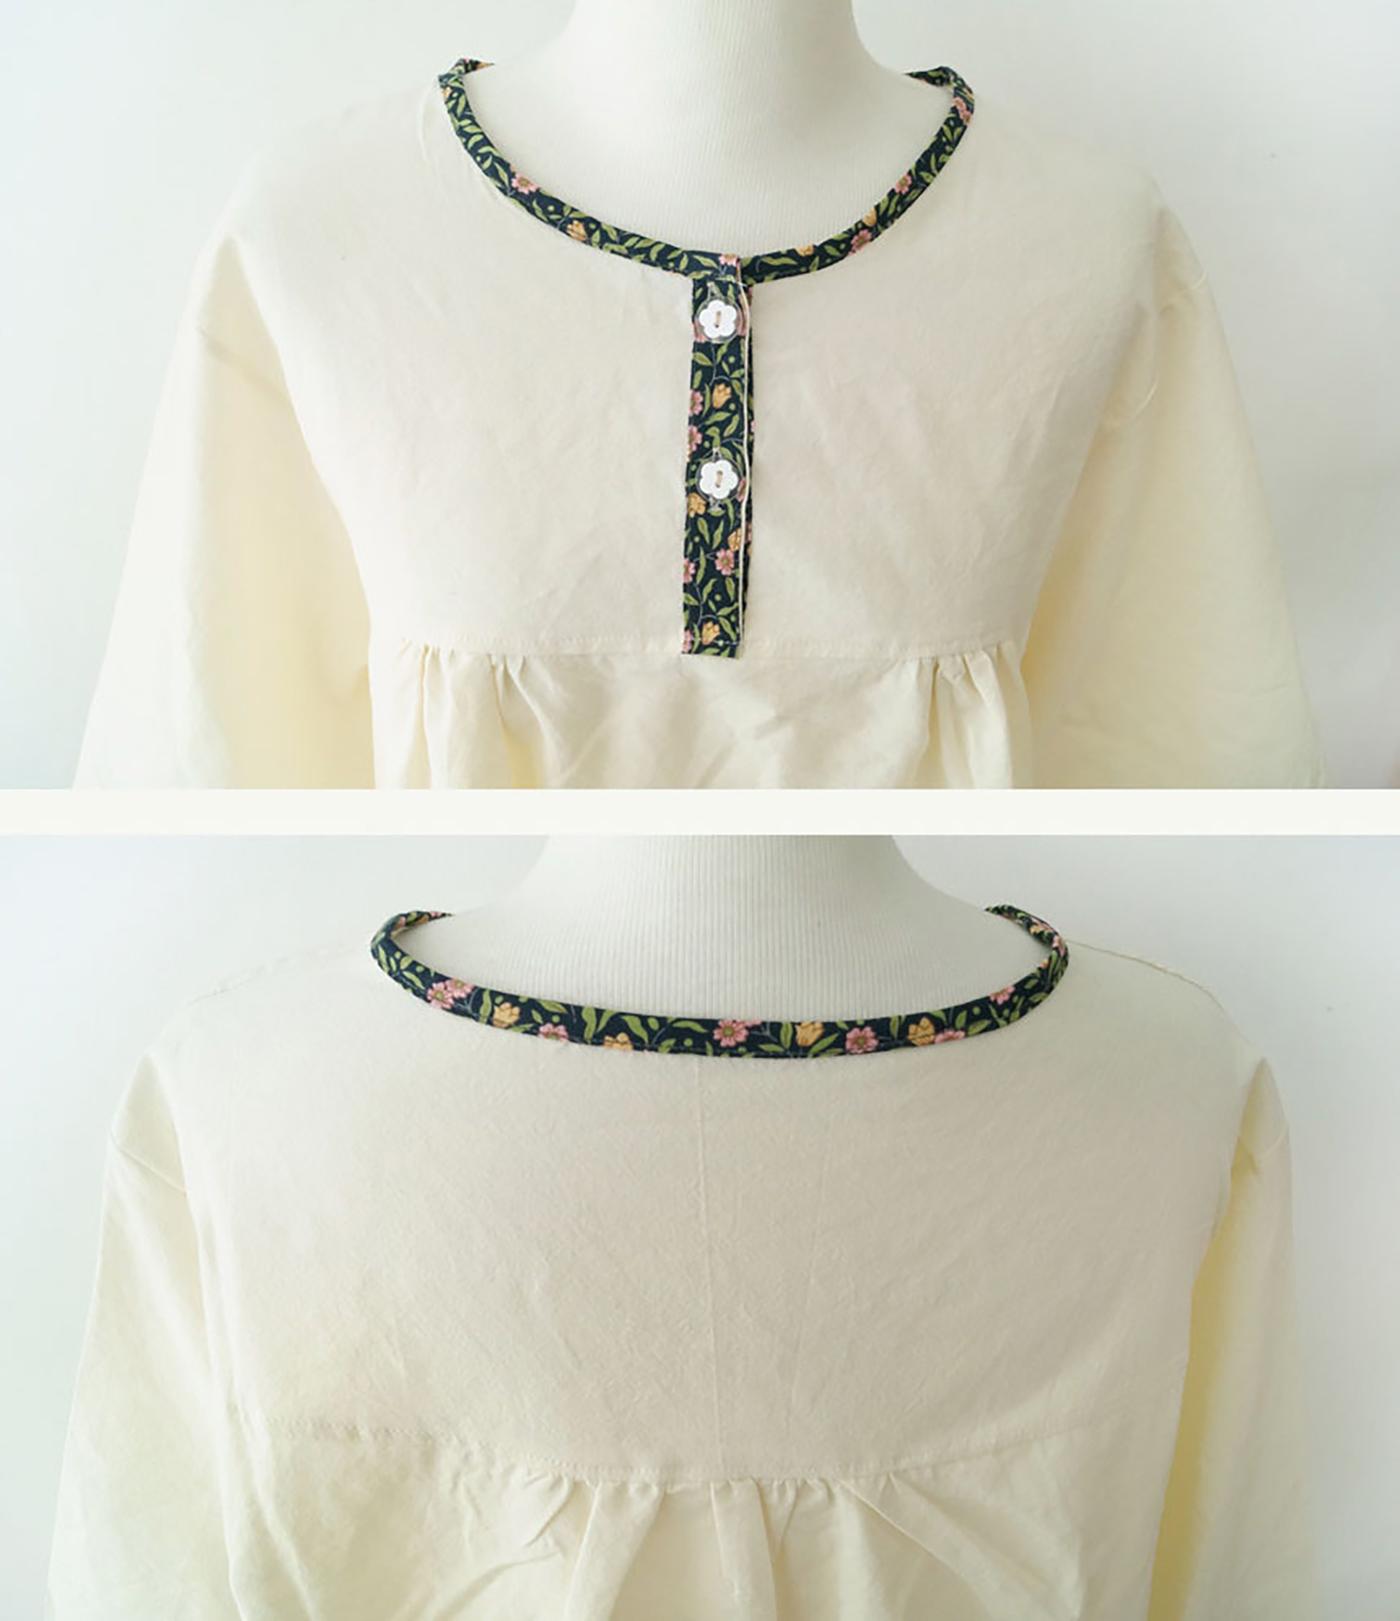 여성 광목잠옷 상하의 실내복 홈웨어(수수한 들꽃) 상세이미지5